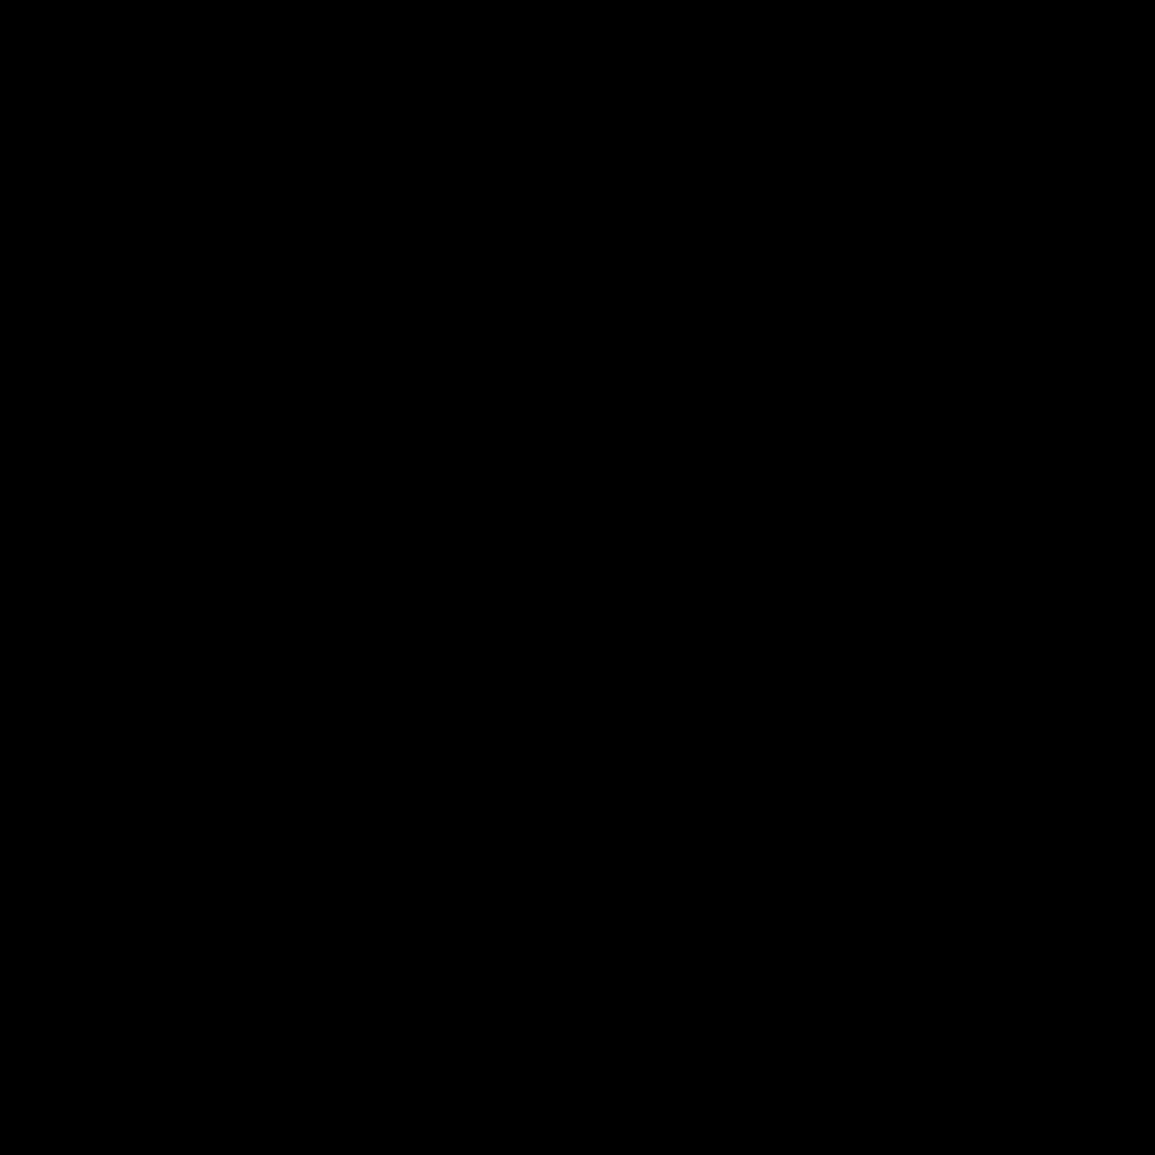 ゴーシャ OS OSSG 字形見本